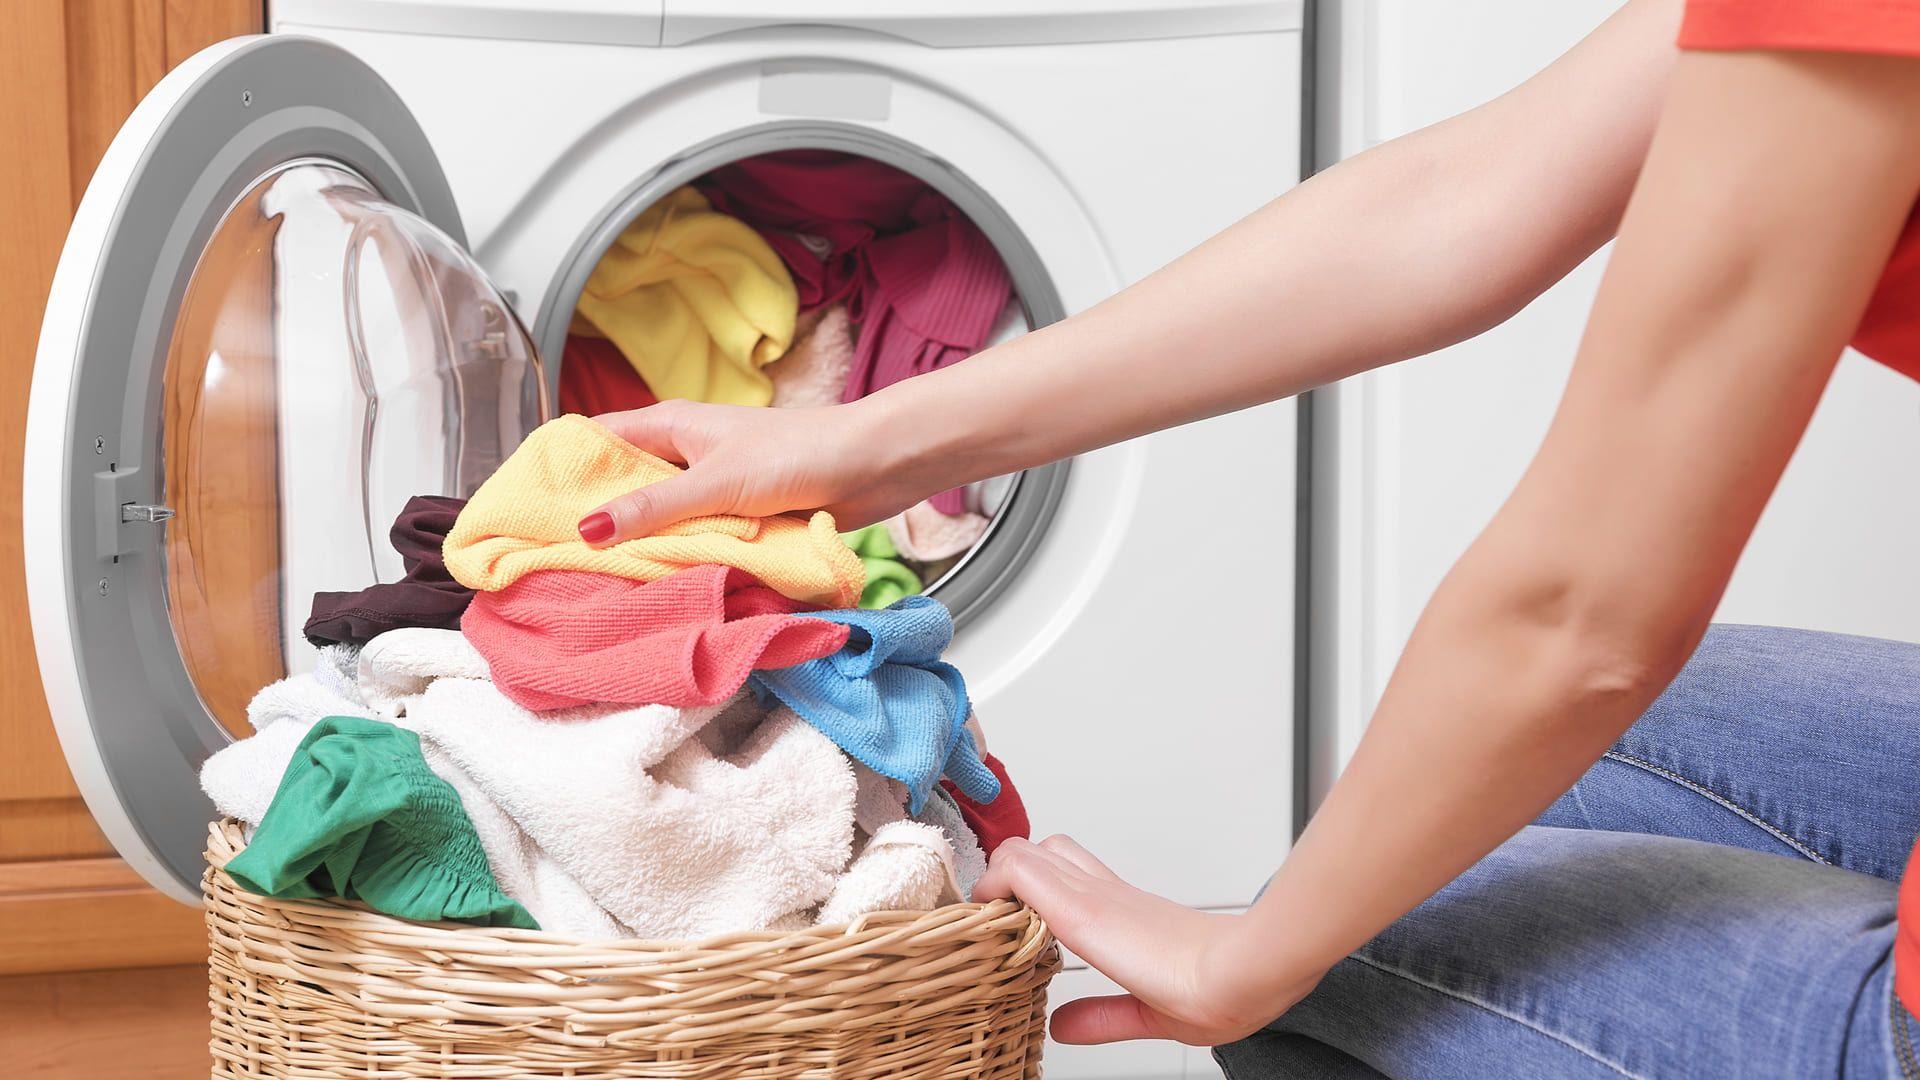 Conheça as melhores lavadoras Brastemp 12kg em 2021! (Imagem: Reprodução/Shutterstock)